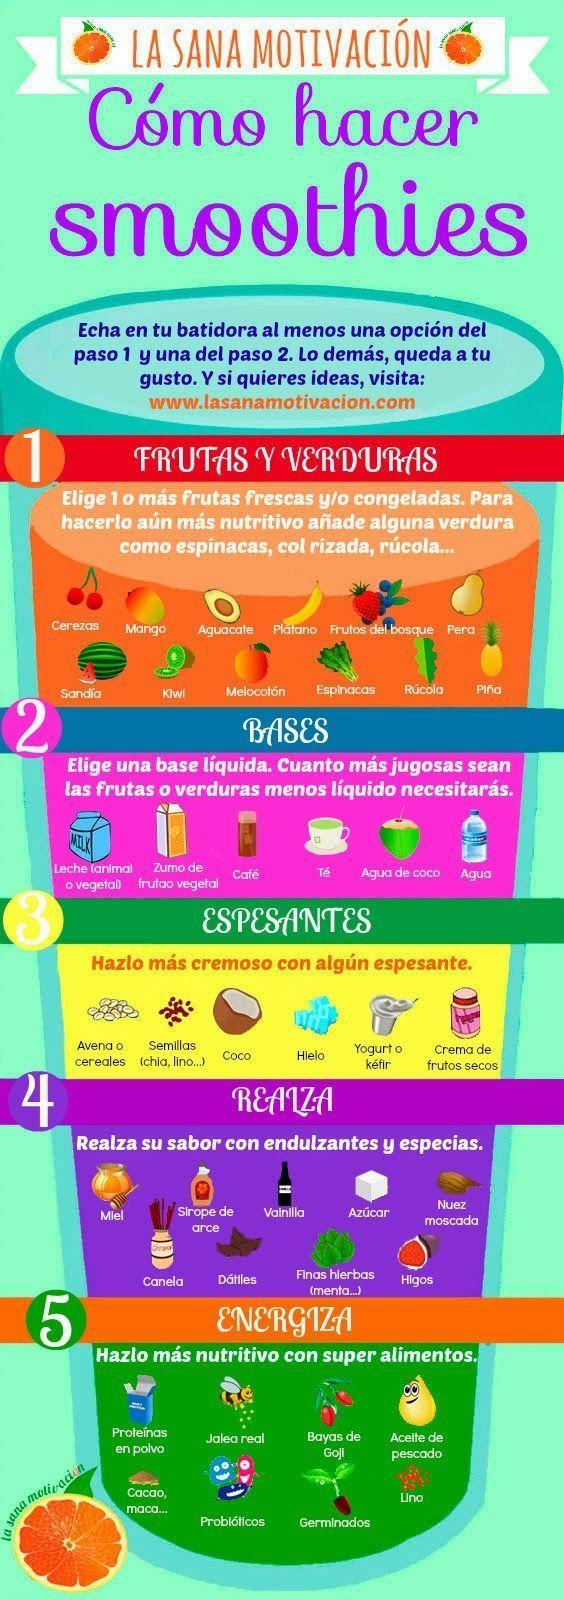 Los batidos de frutas y verduras pueden ser una deliciosa opción para aportar a tu salud los nutrientes esenciales. La mejor manera de evitar ingredientes desconocidos o químicos en tu smoothie es hacerlos tu mismo a base de productos naturales. Todo lo que necesitas es una licuadora, frutas y una base, tal como agua, leche o yogur. Estos batidos nos ayudaran …